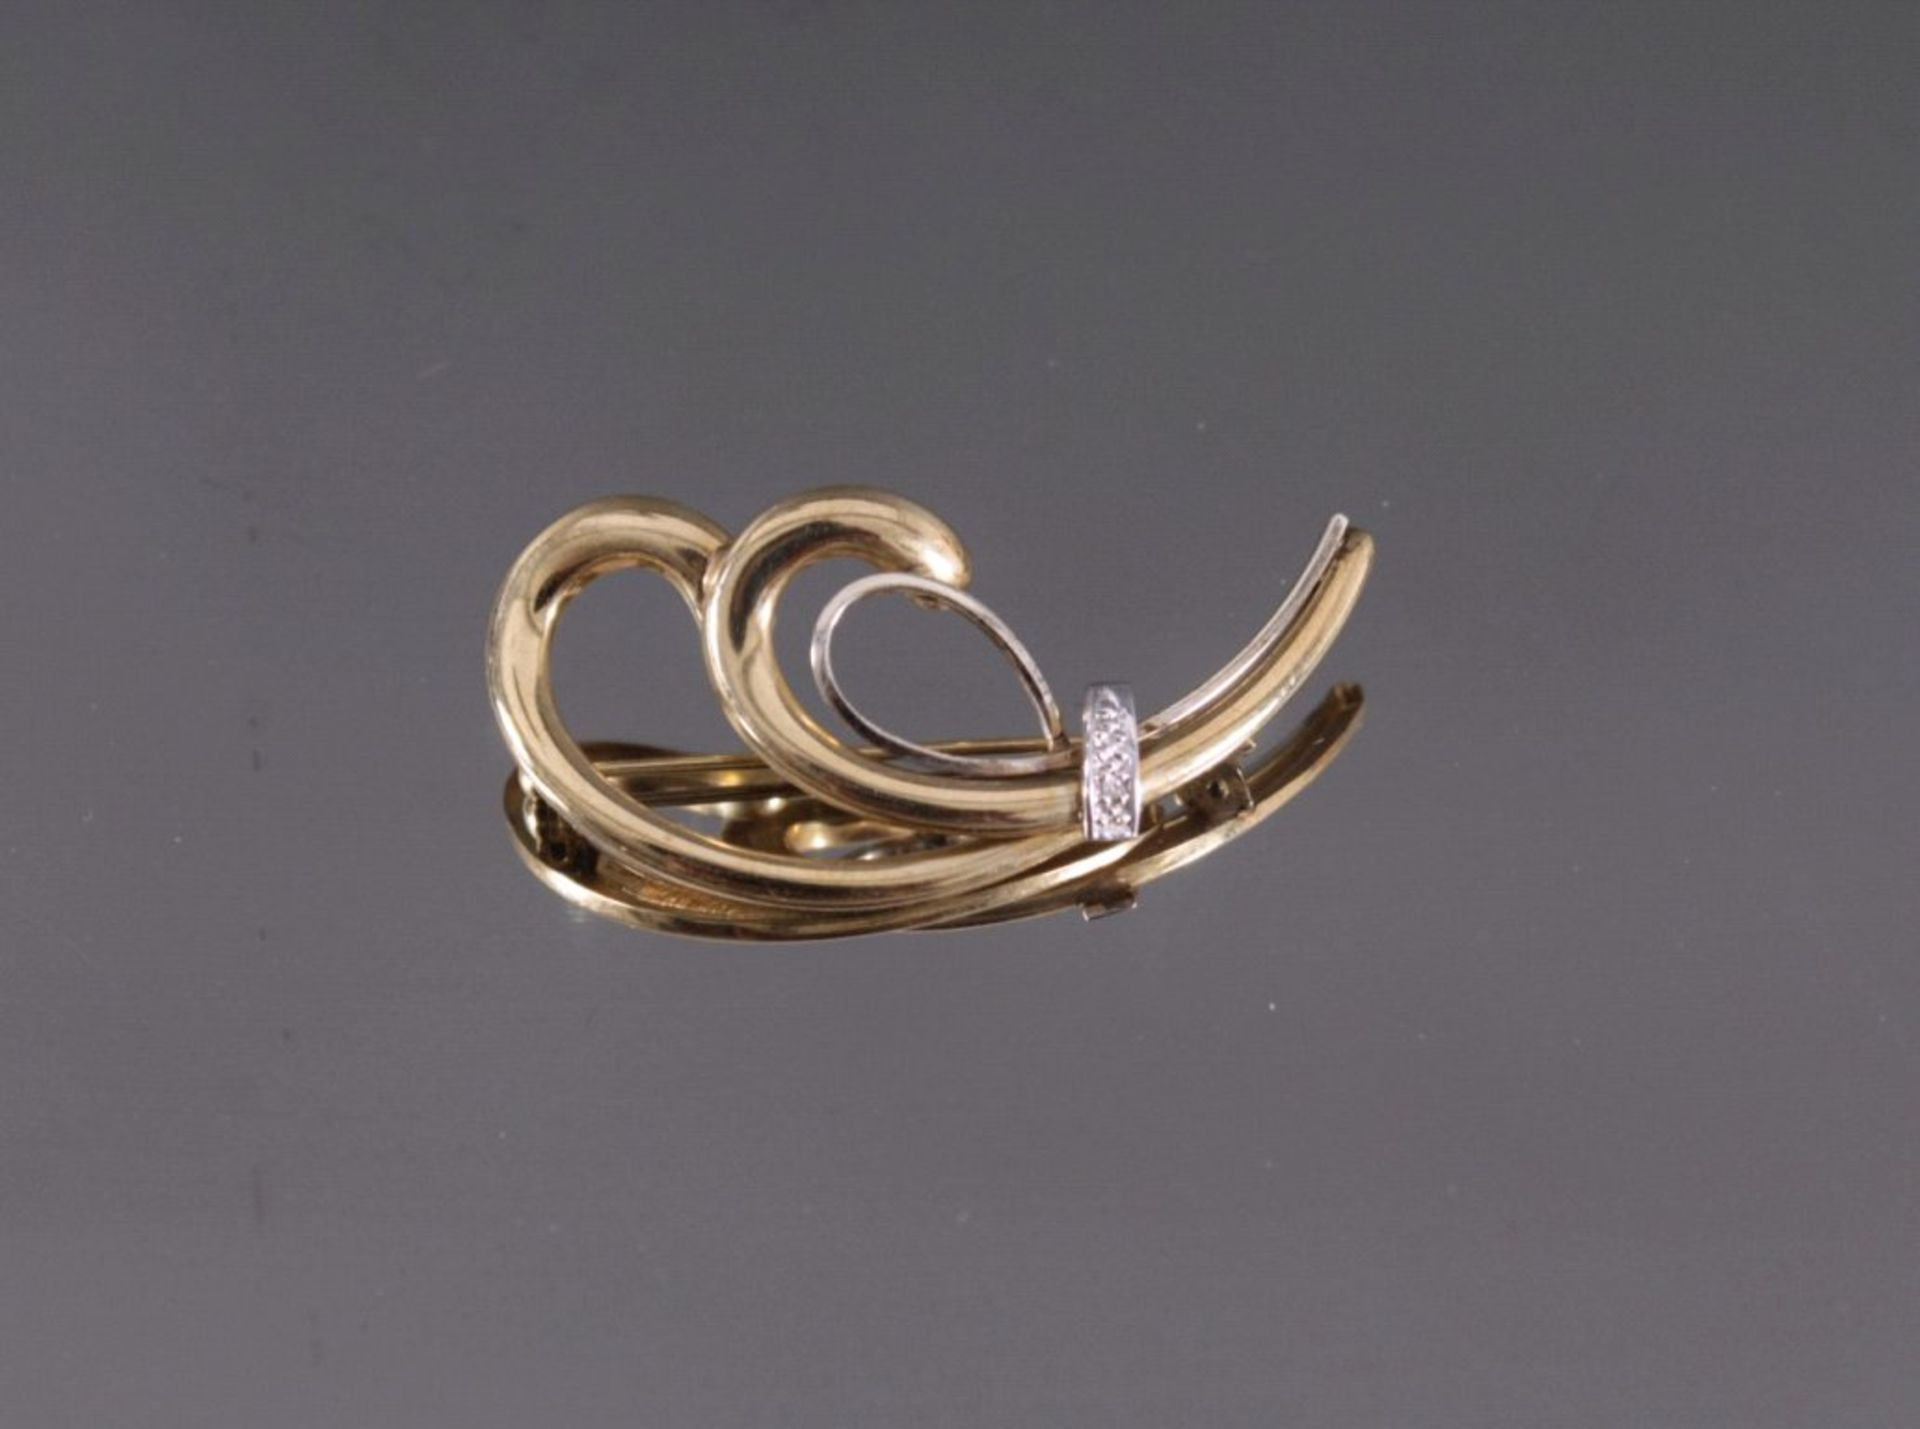 Brosche mit Diamanten333/000 Gelbgold, geschwungene Form, mit kleinen Diamantenim 8/8-Schliff, ca. 3